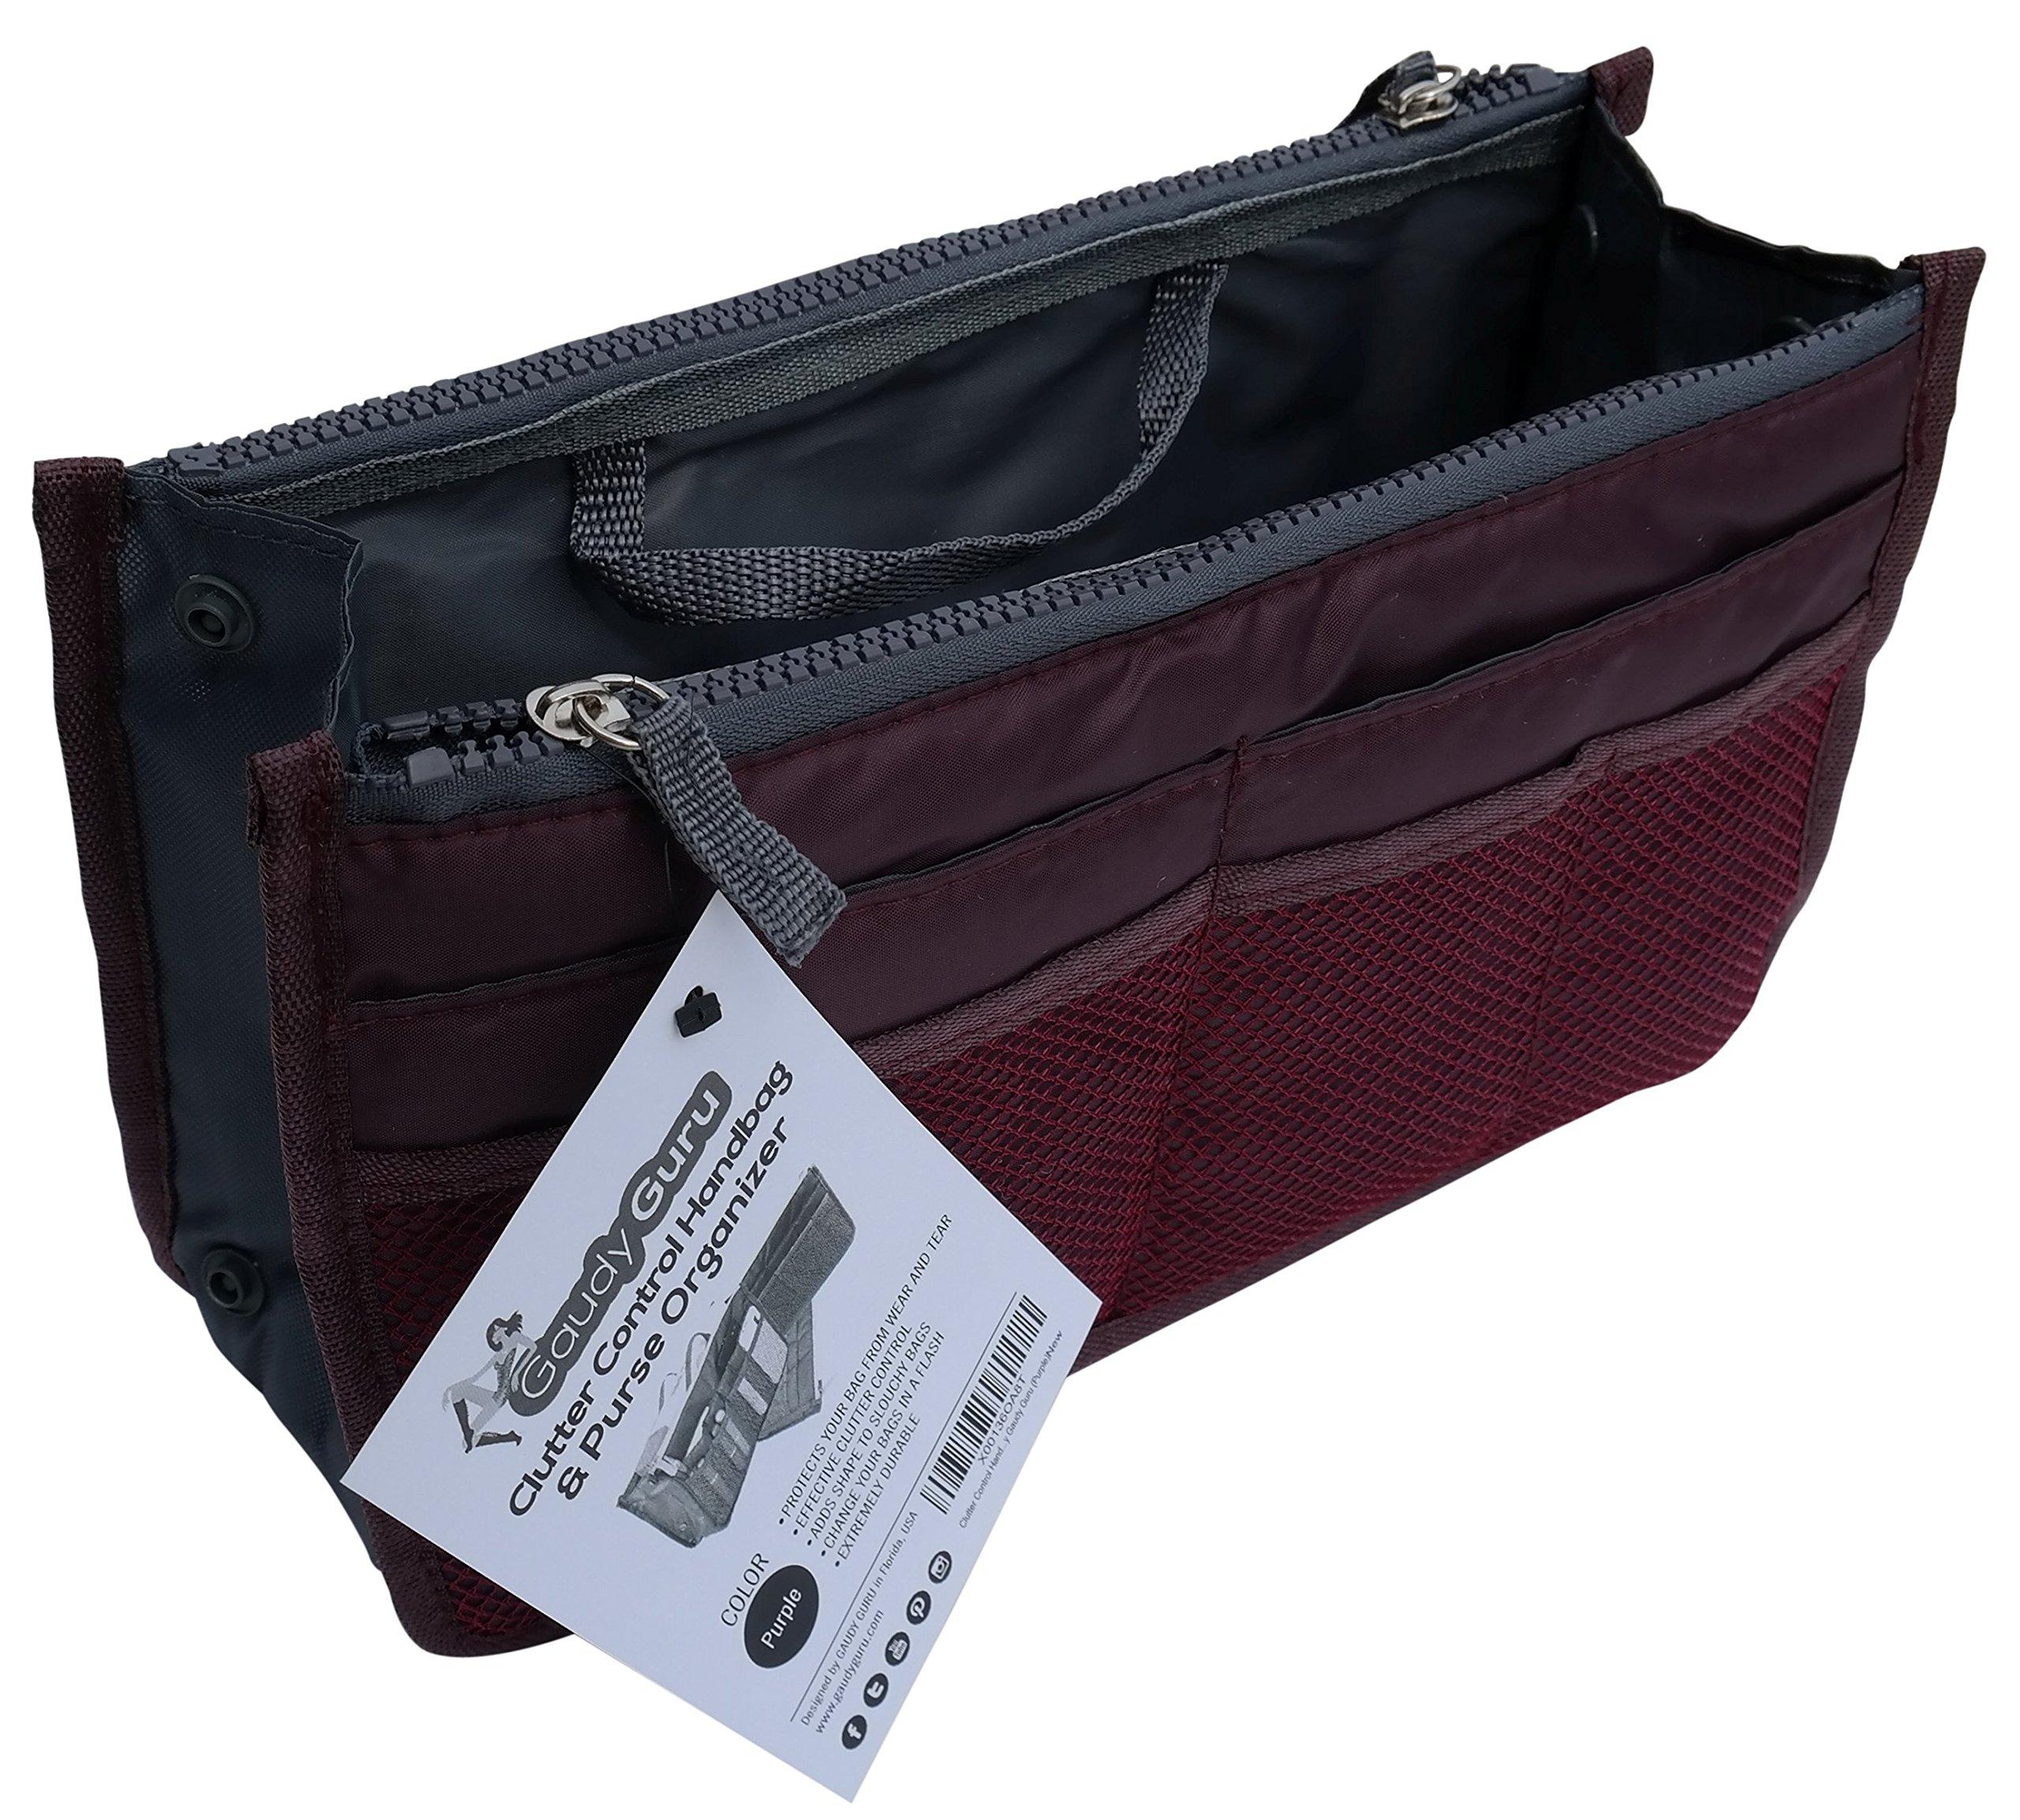 Gaudy Guru Clutter Control Handbag & Purse Organizer Insert (18.5 cm x 30 cm x 8.5cm)